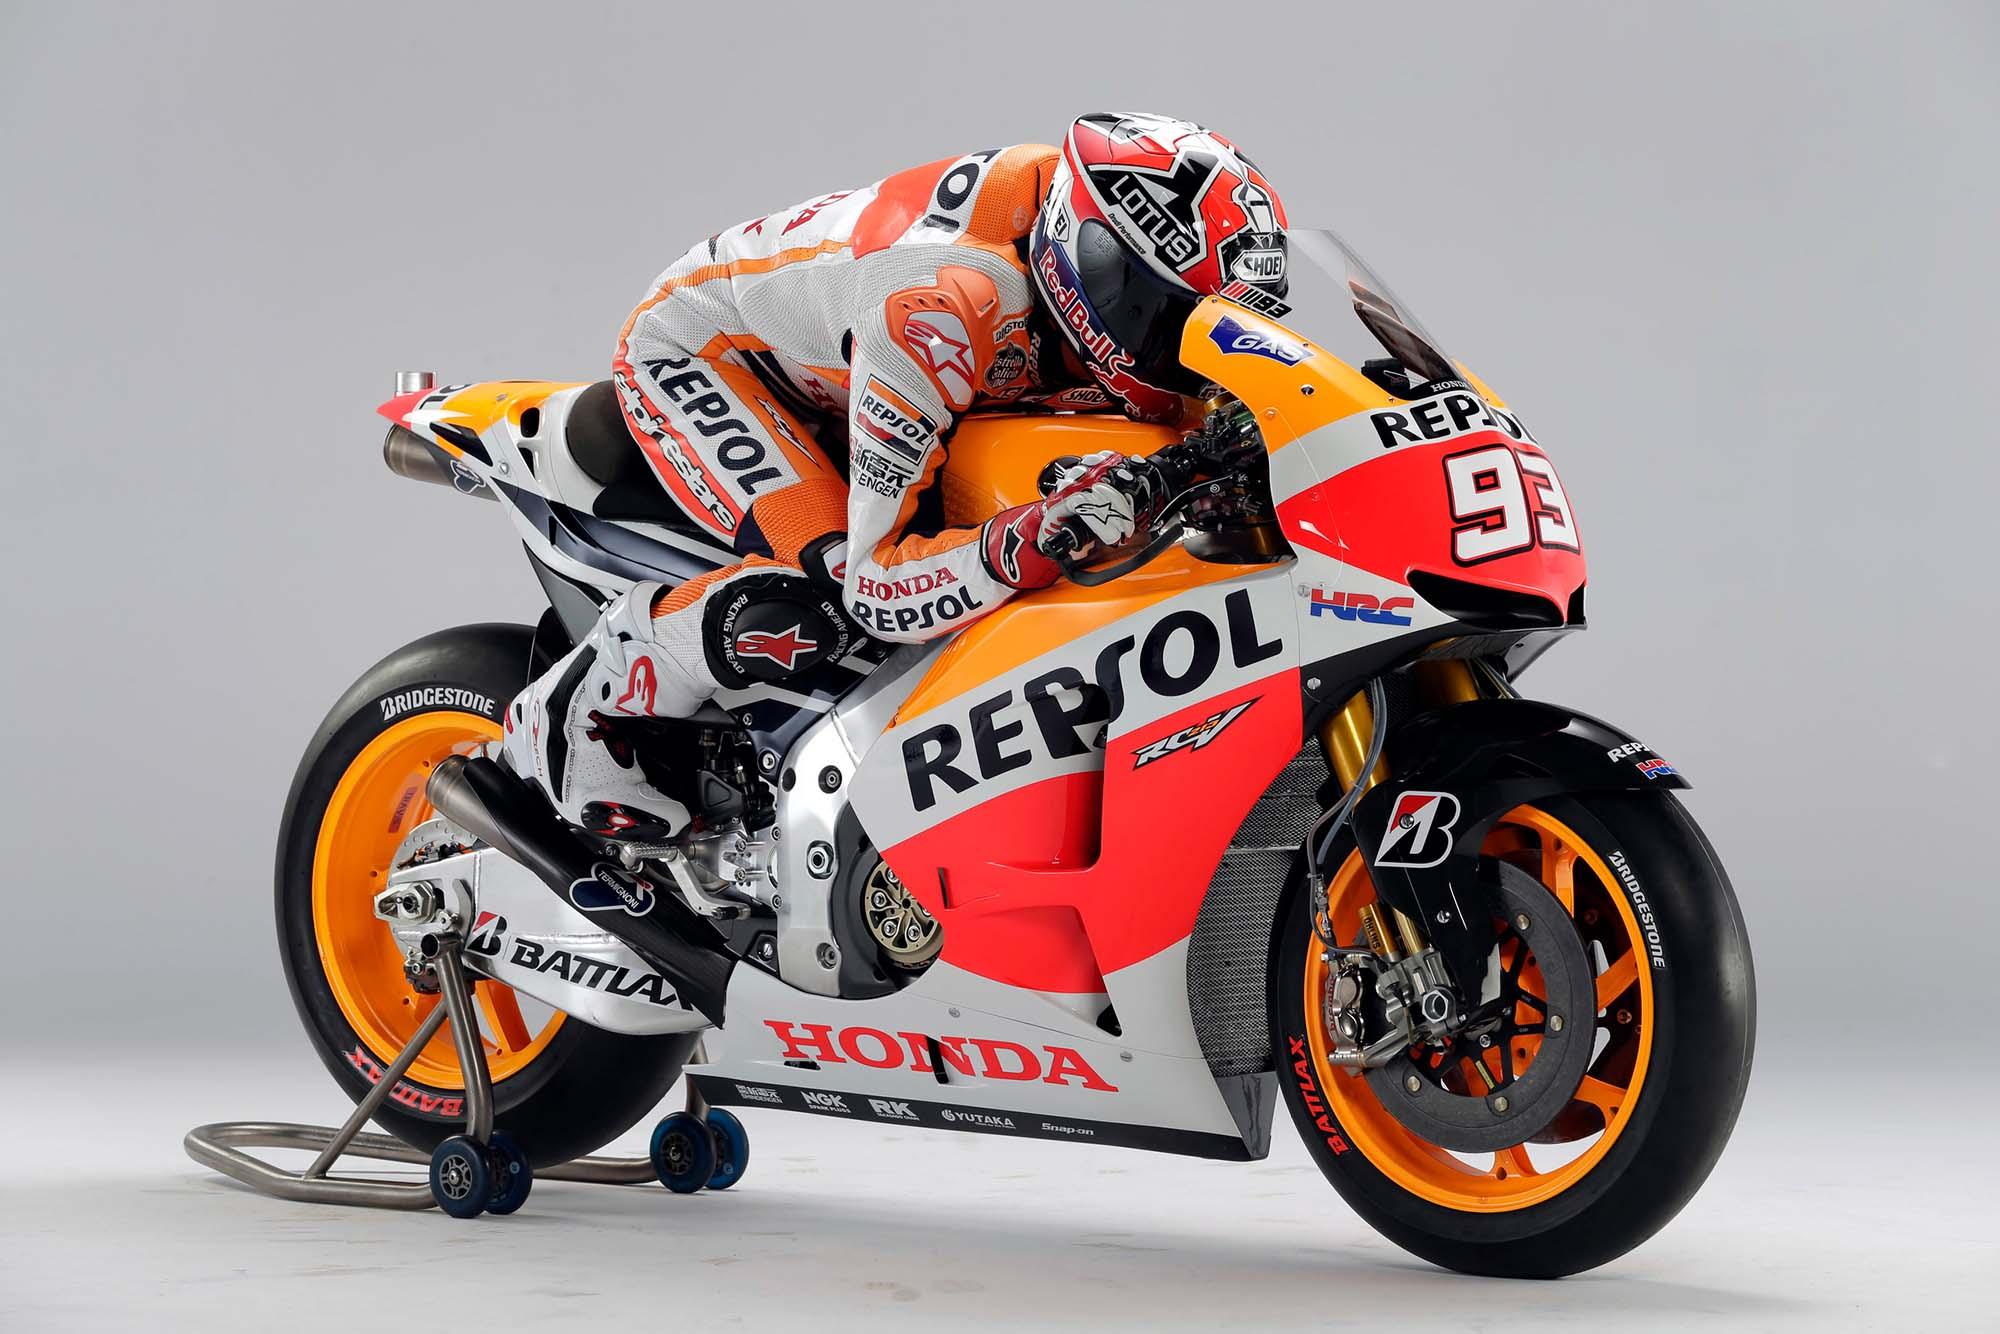 Honda Revealed 2013 MotoGP Machine | Malaysian Riders